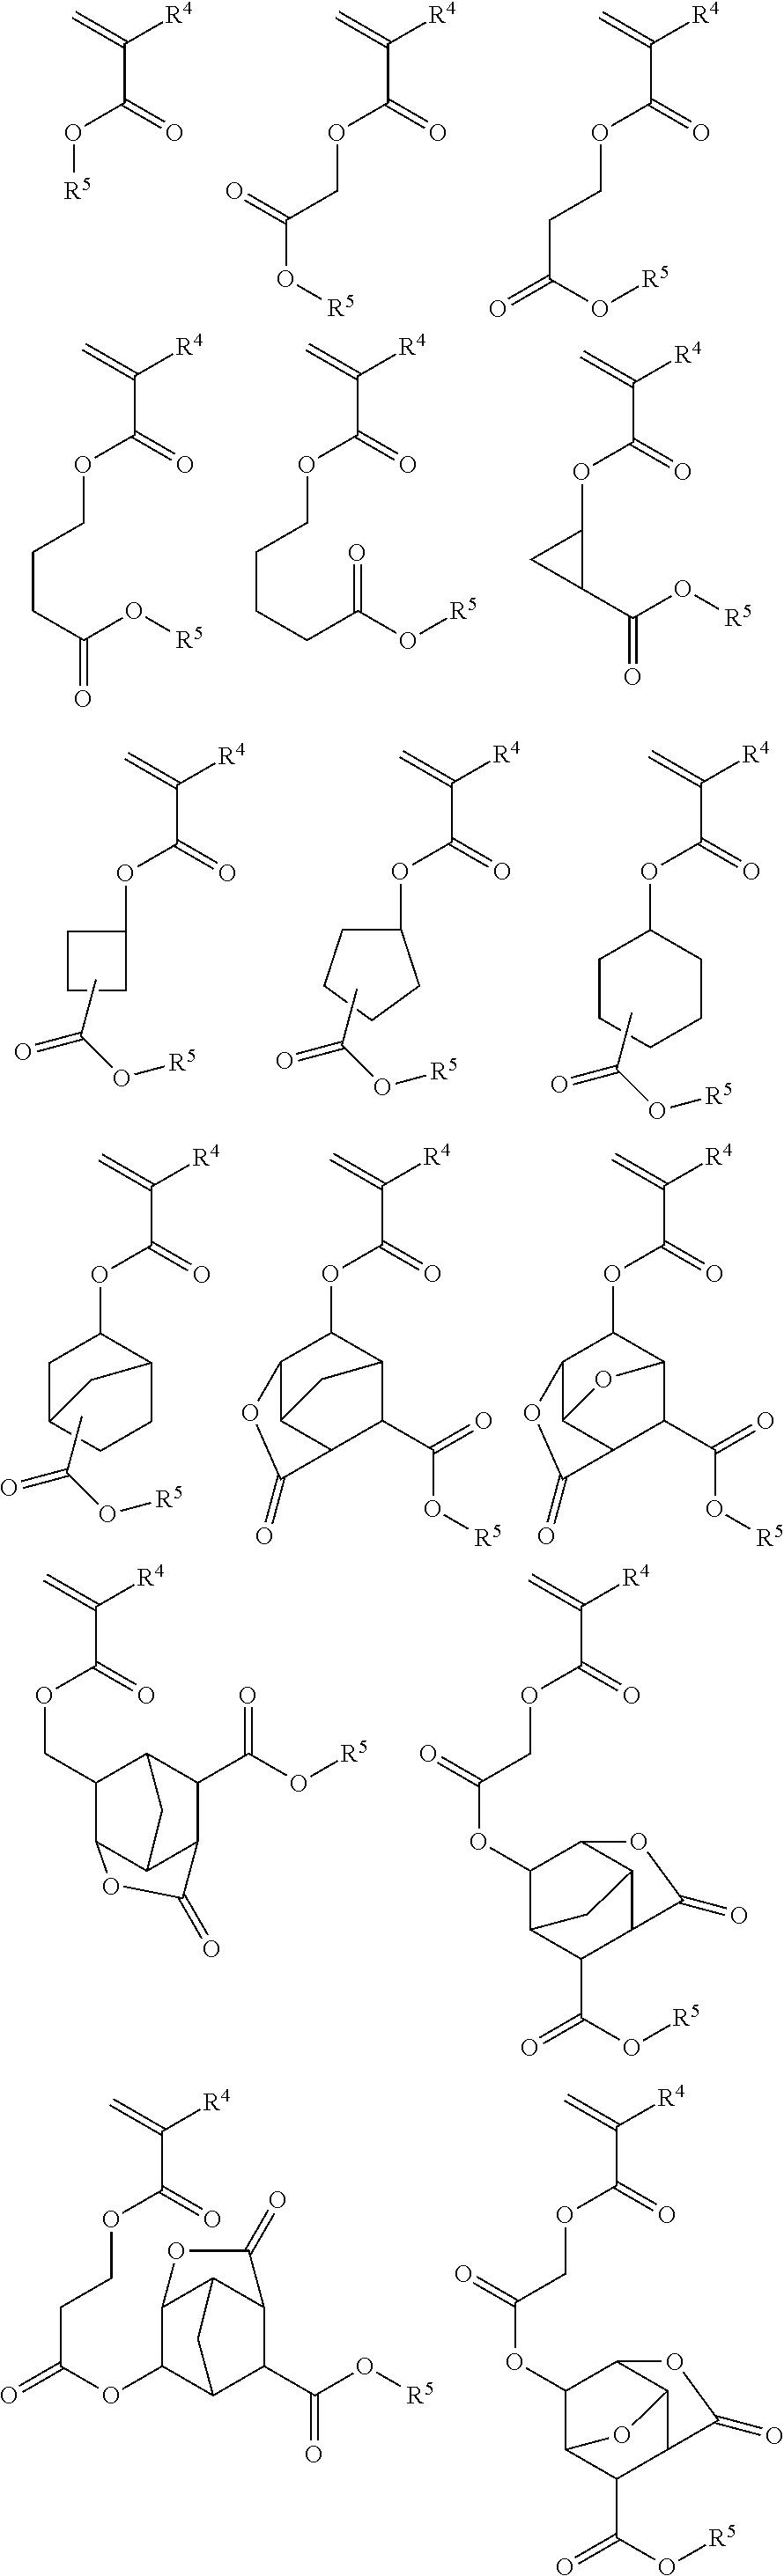 Figure US09023586-20150505-C00013